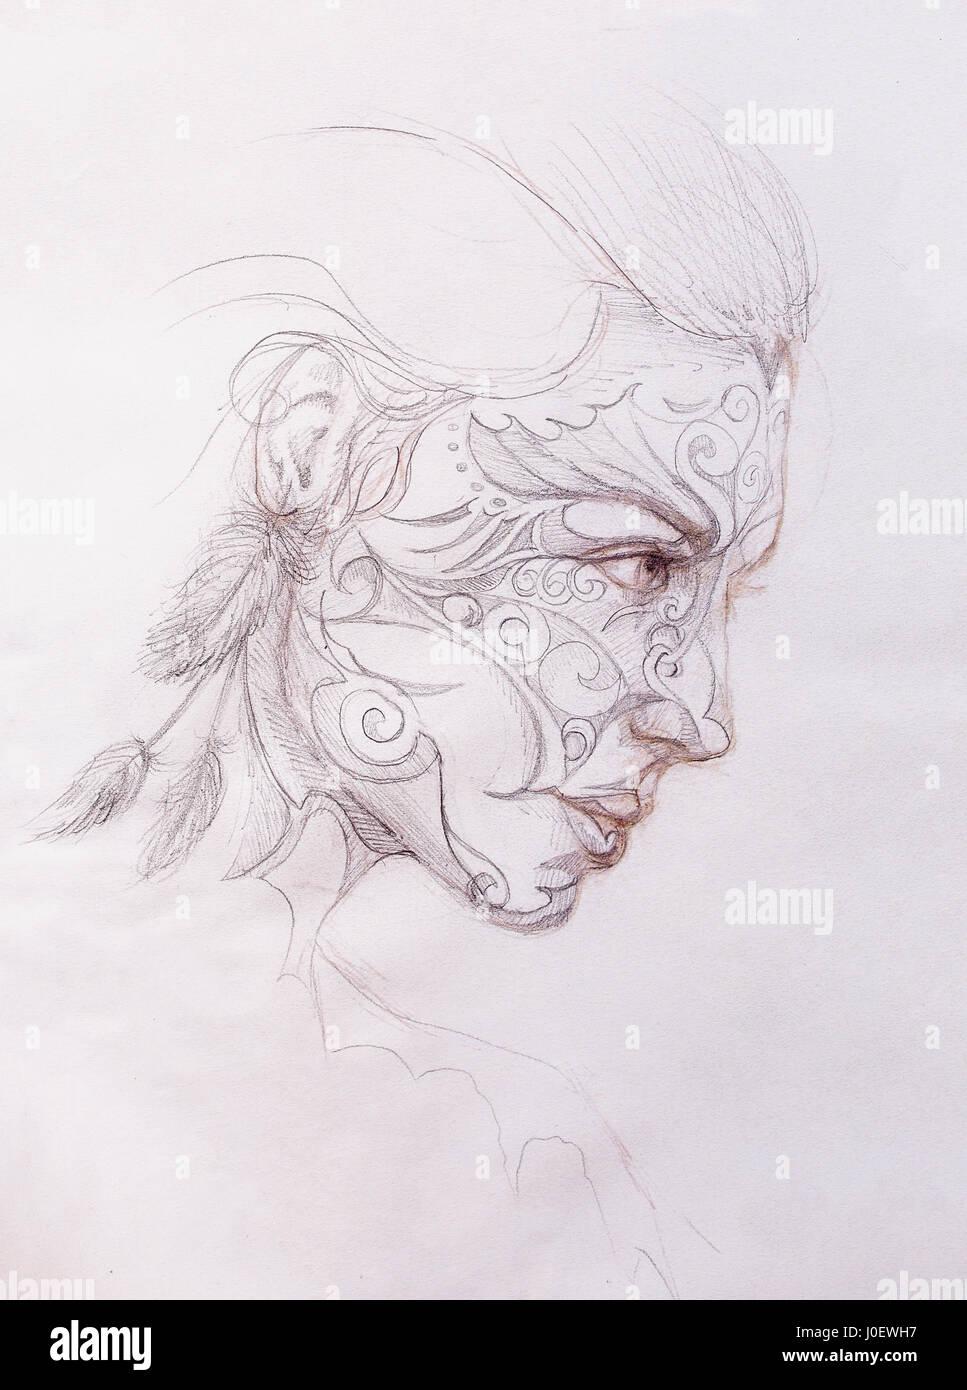 Mystic Femme Avec Ornement Sur Visage Dessin Au Crayon Sur Papier